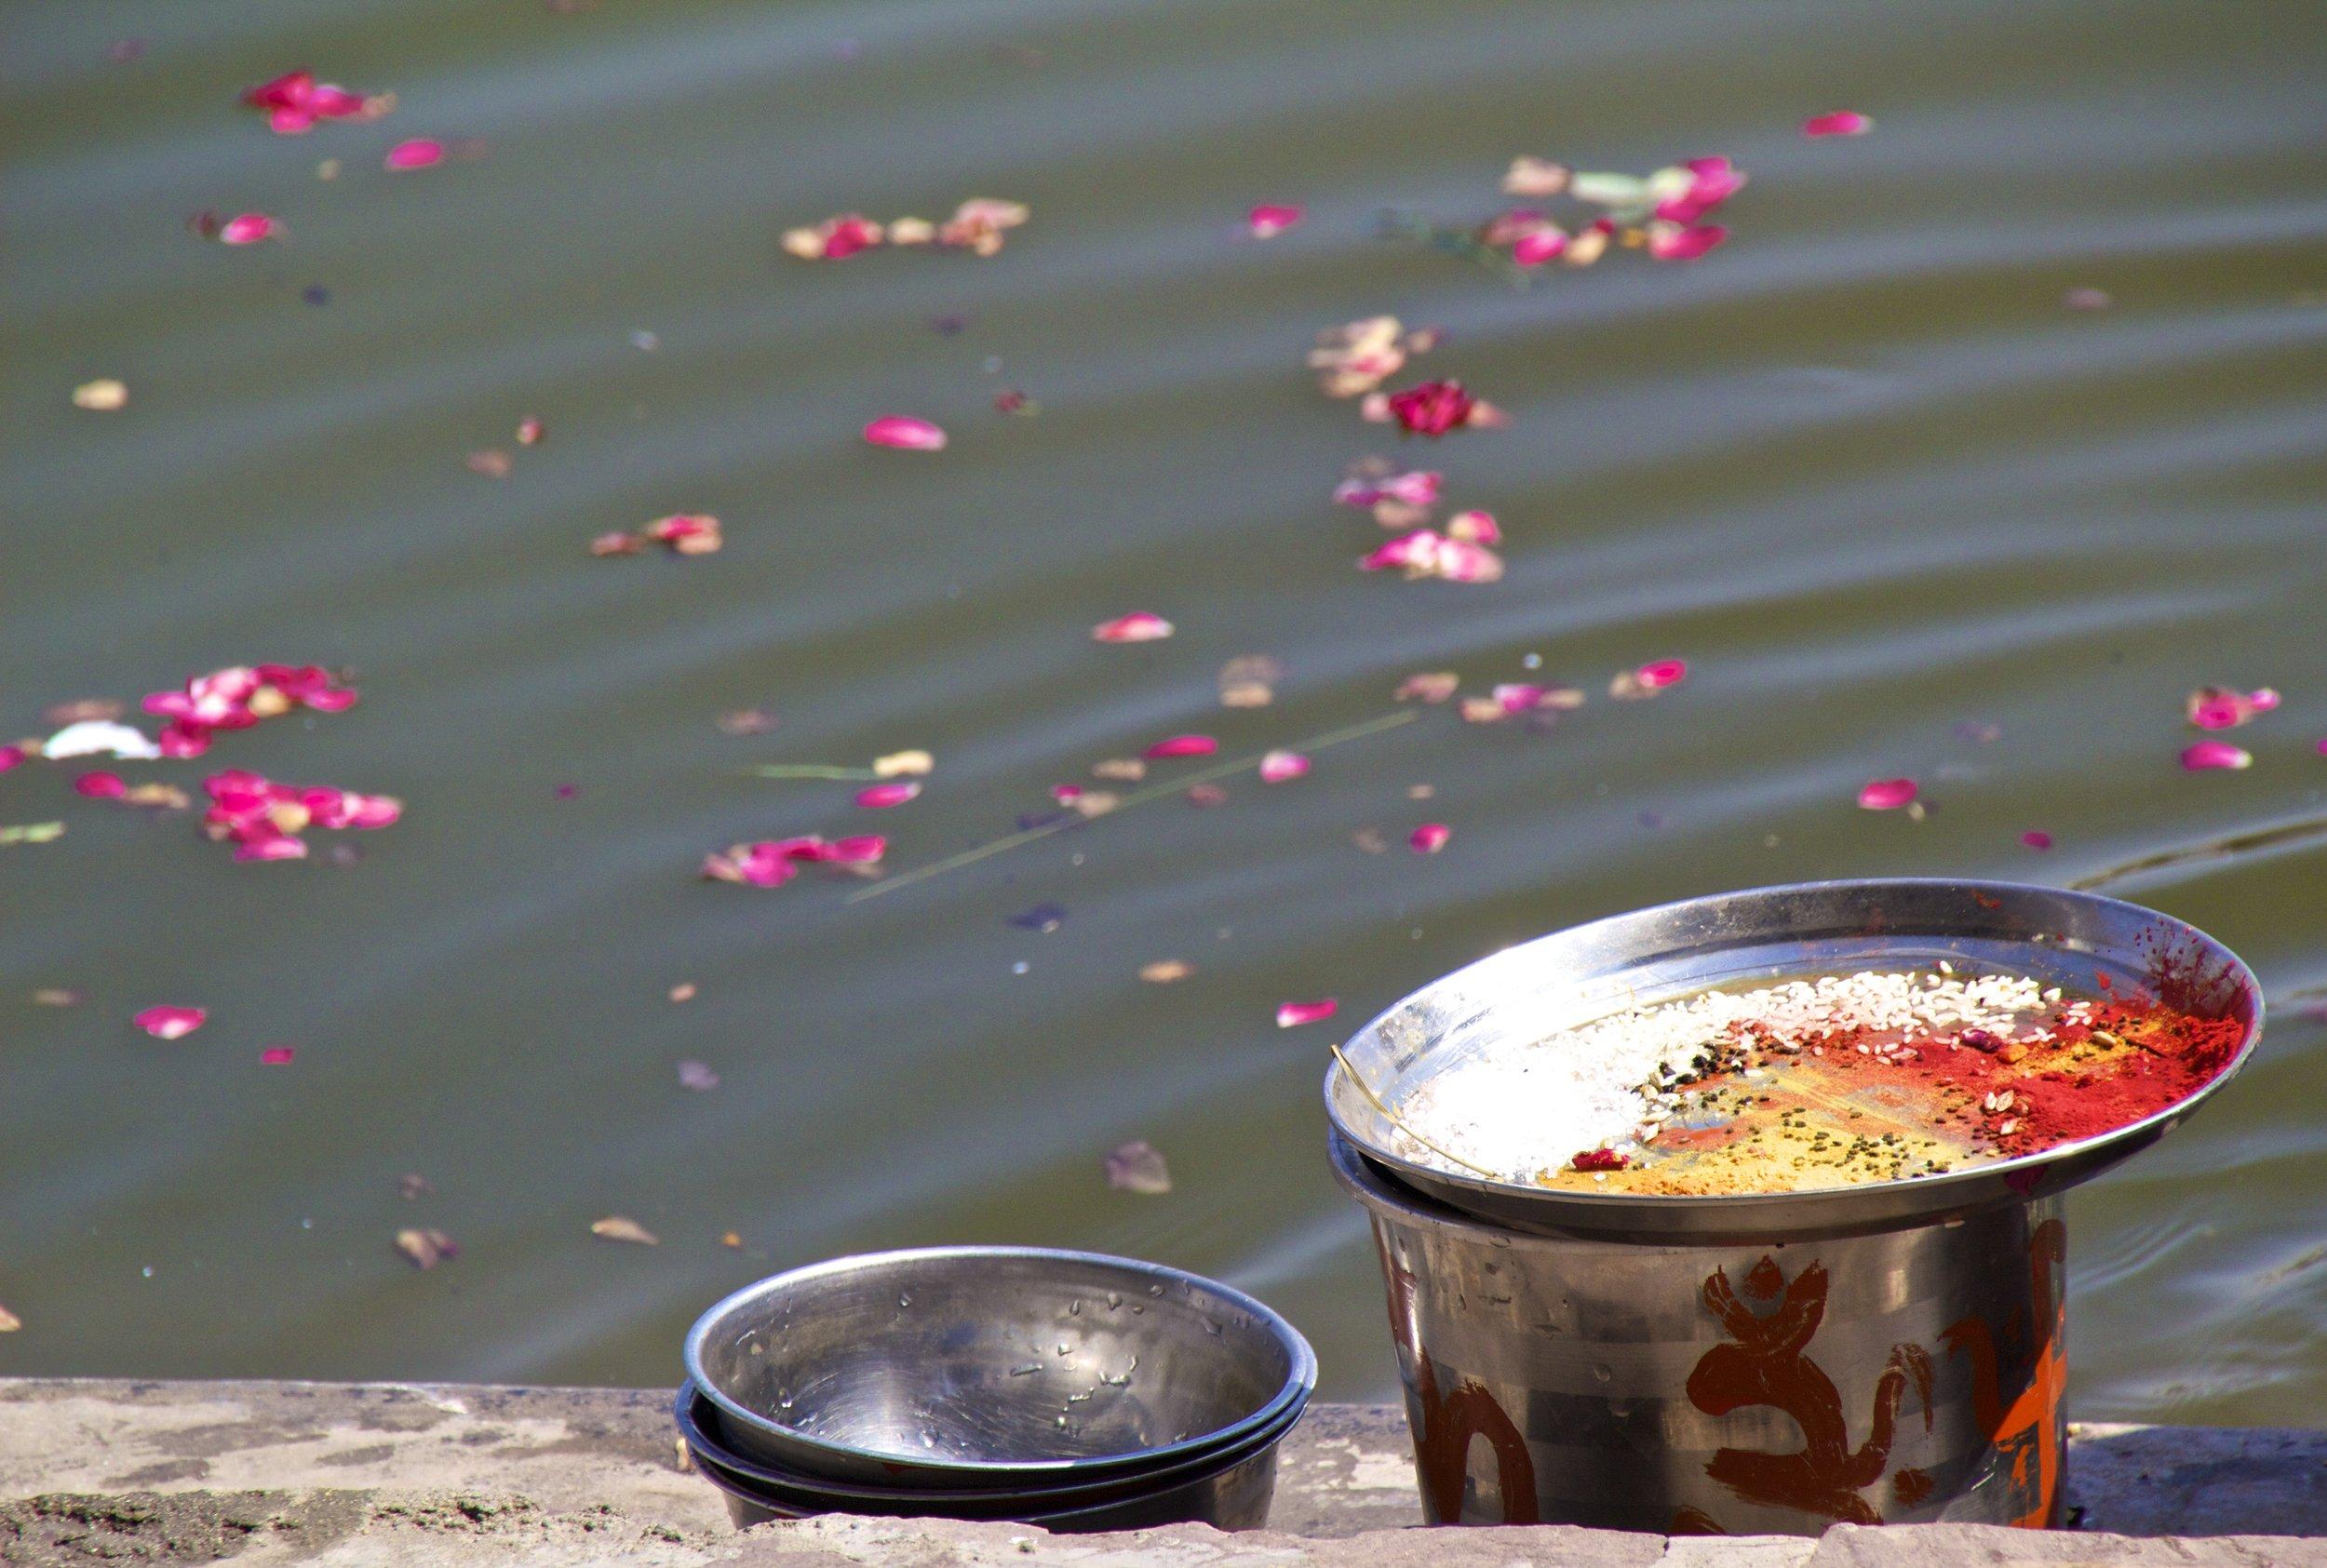 pushkar rajasthan ghats street photography 24.jpg